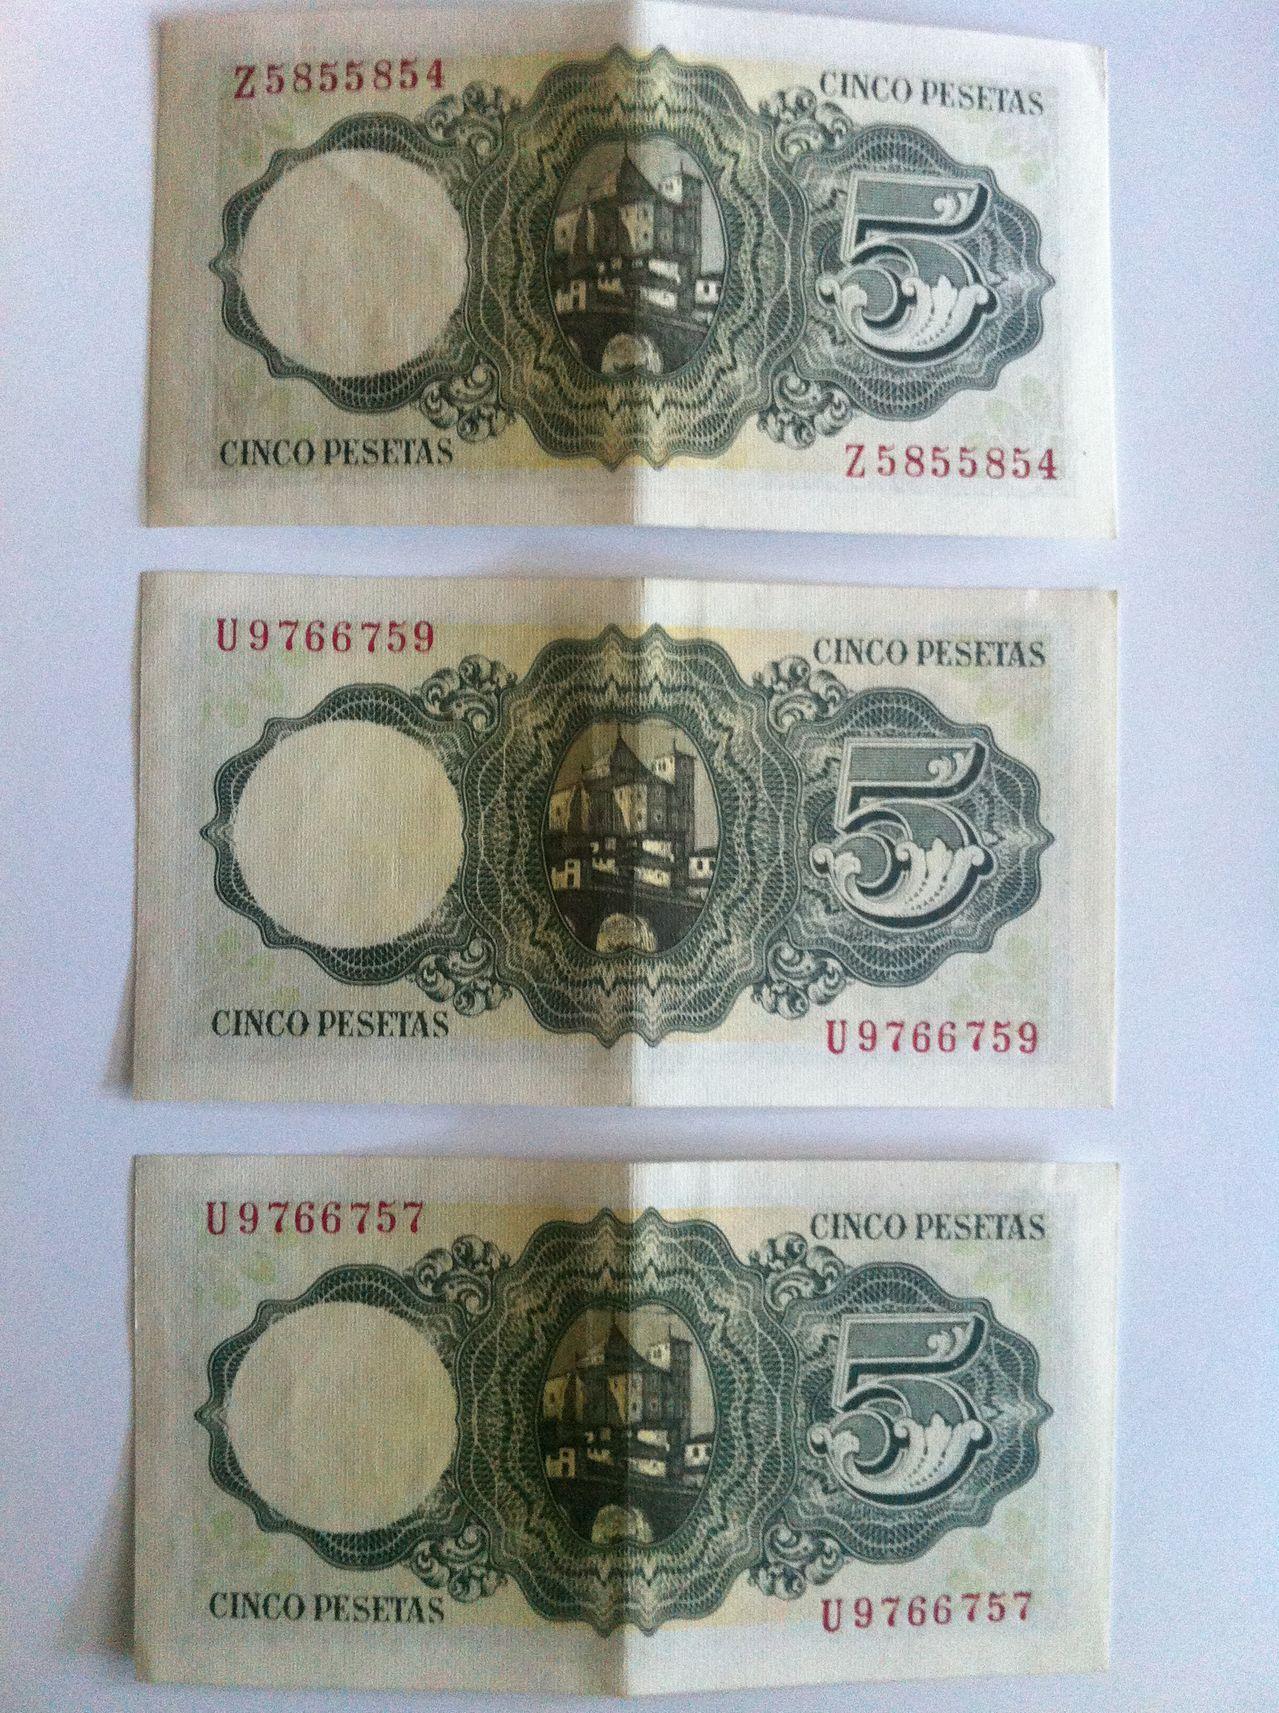 Ayuda para valorar coleccion de billetes IMG_4964